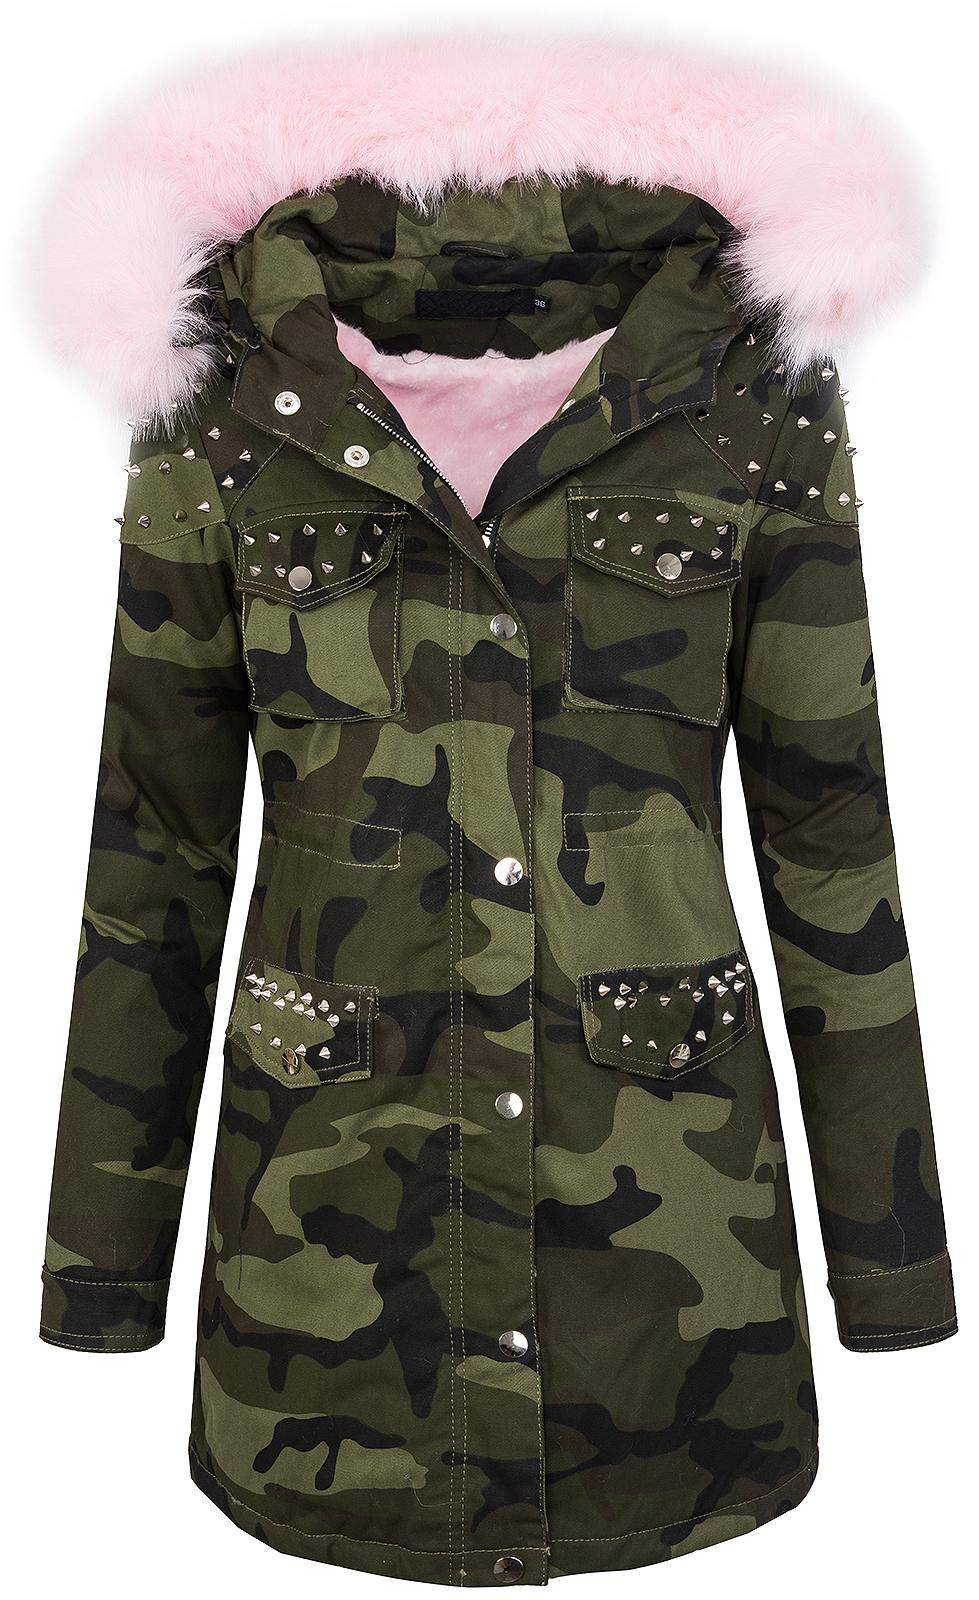 Details zu Damen winter parka jacke army look damenjacke kunstfell kapuze mit nieten D 231